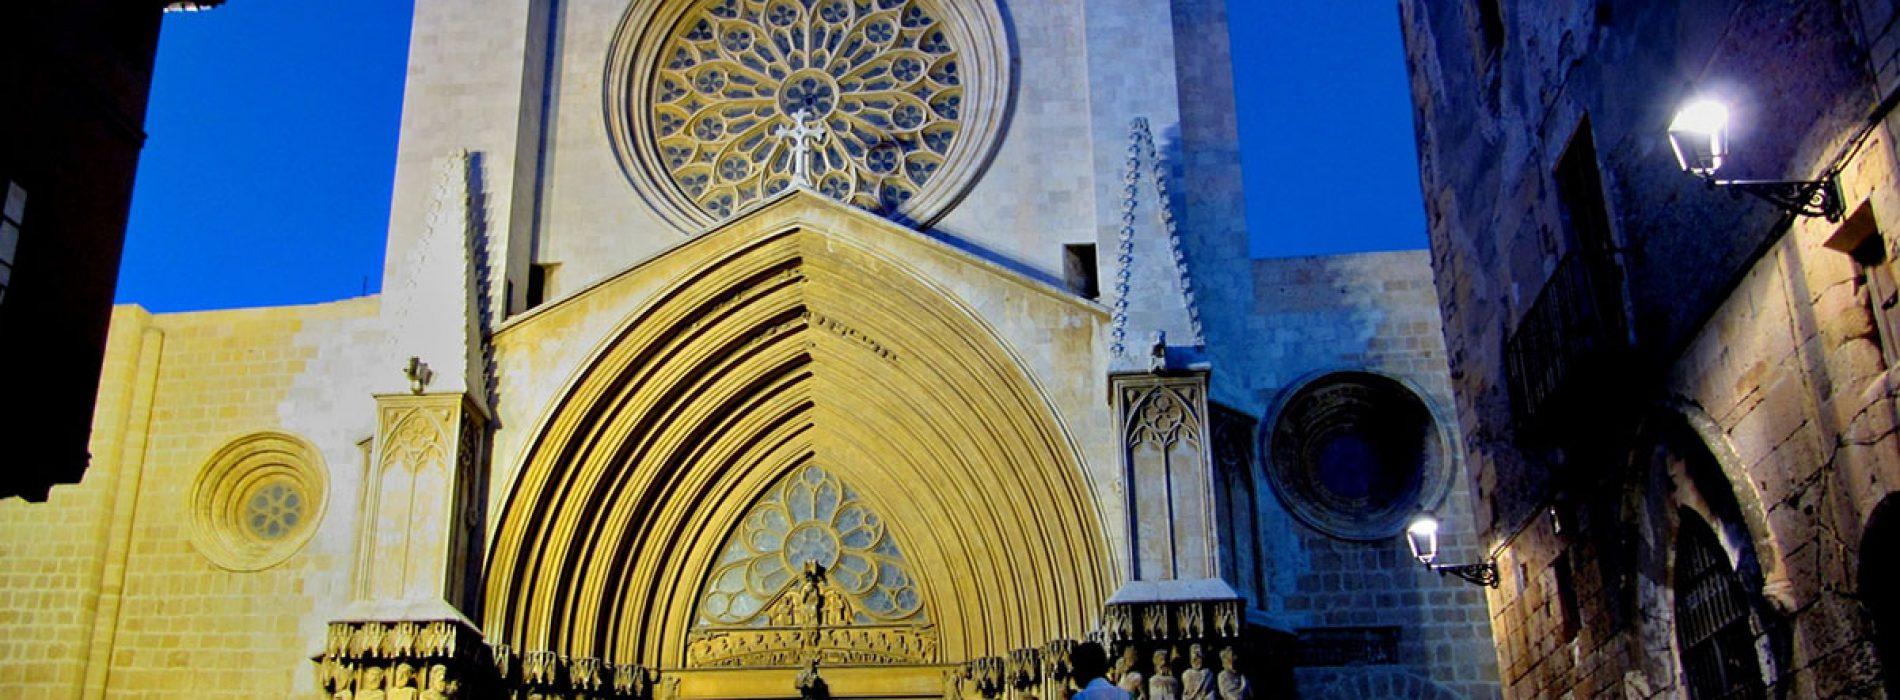 Qué ver en Tarragona: huellas romanas en el Mediterráneo